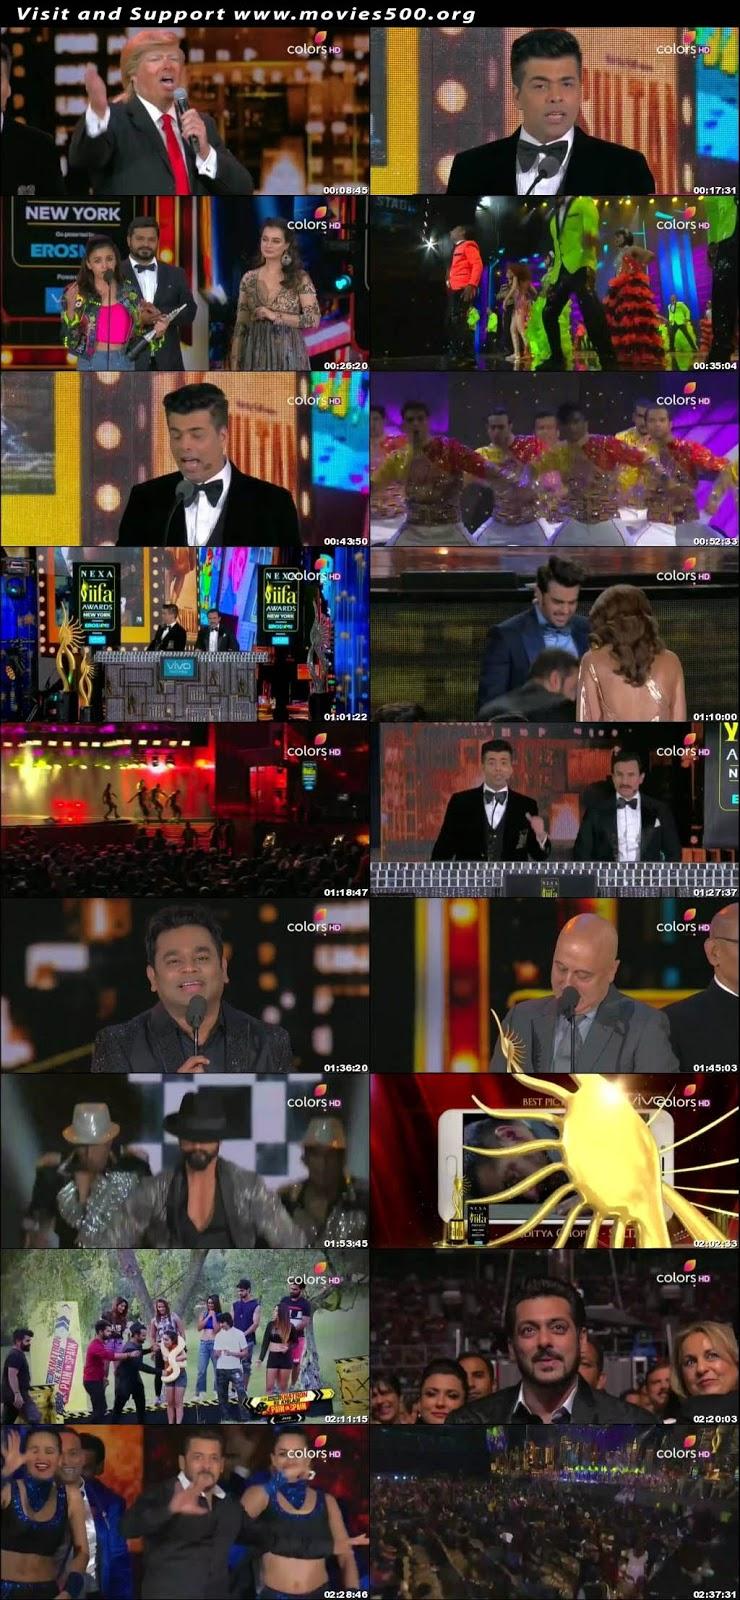 IIFA Awards 18Th 16th July 2017 Hindi Tv Award Show Download at movies500.org